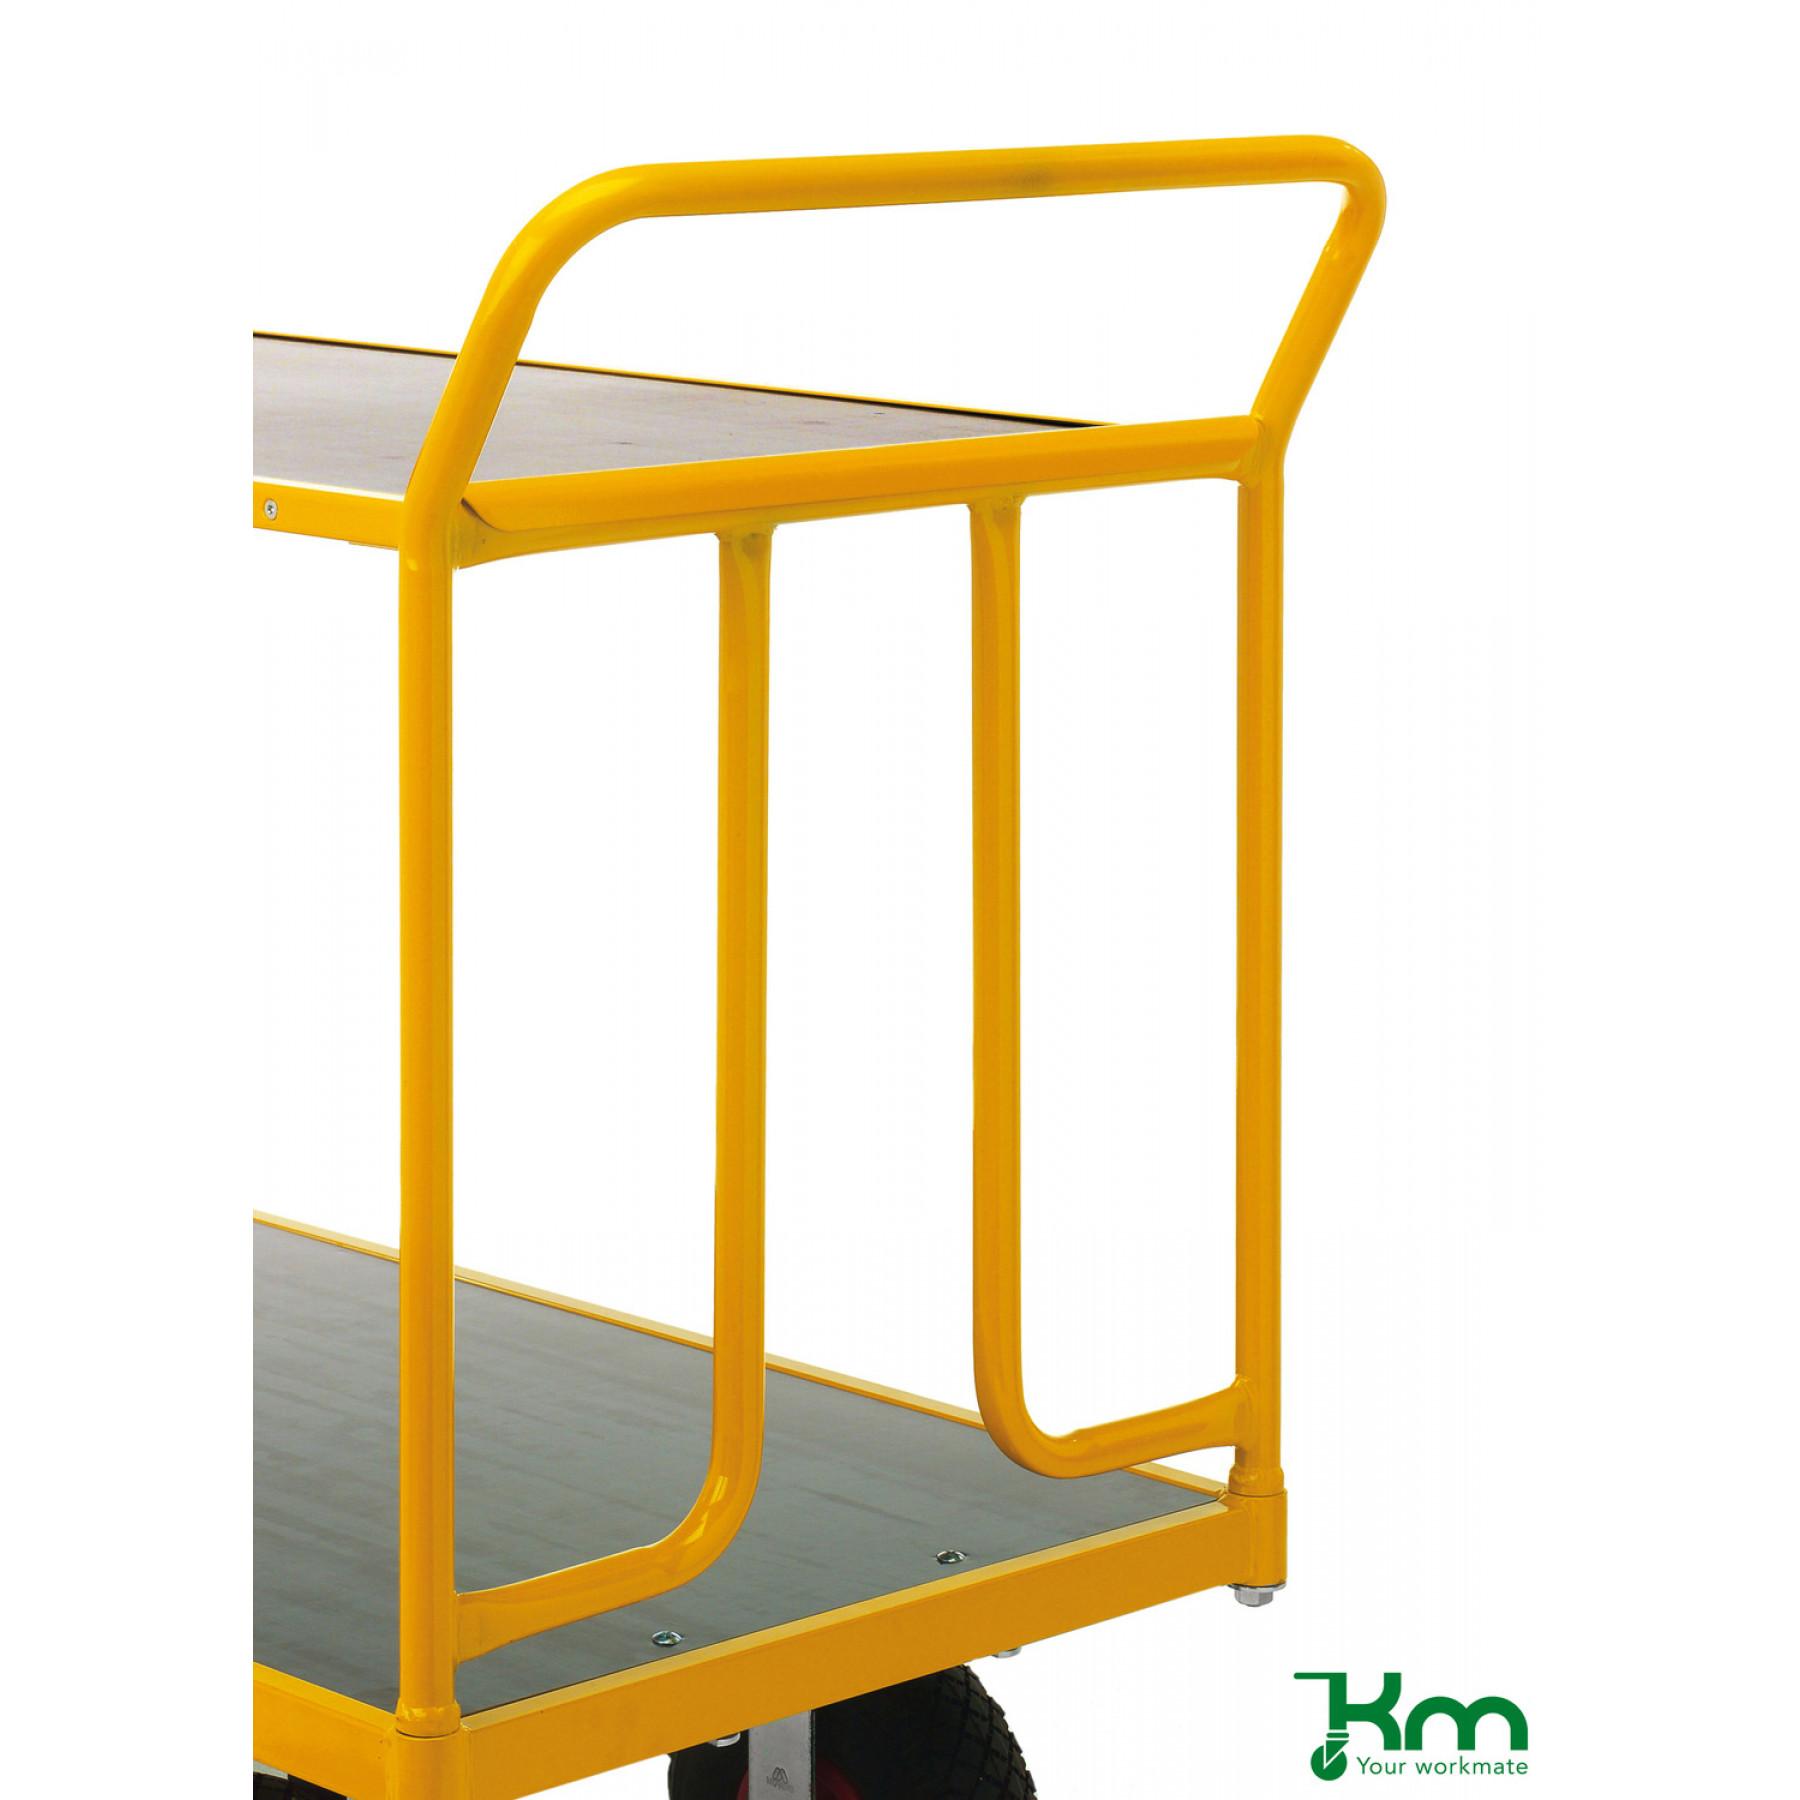 Duwbeugel 600 mm voor duwwagen KM144550 en KM144500B